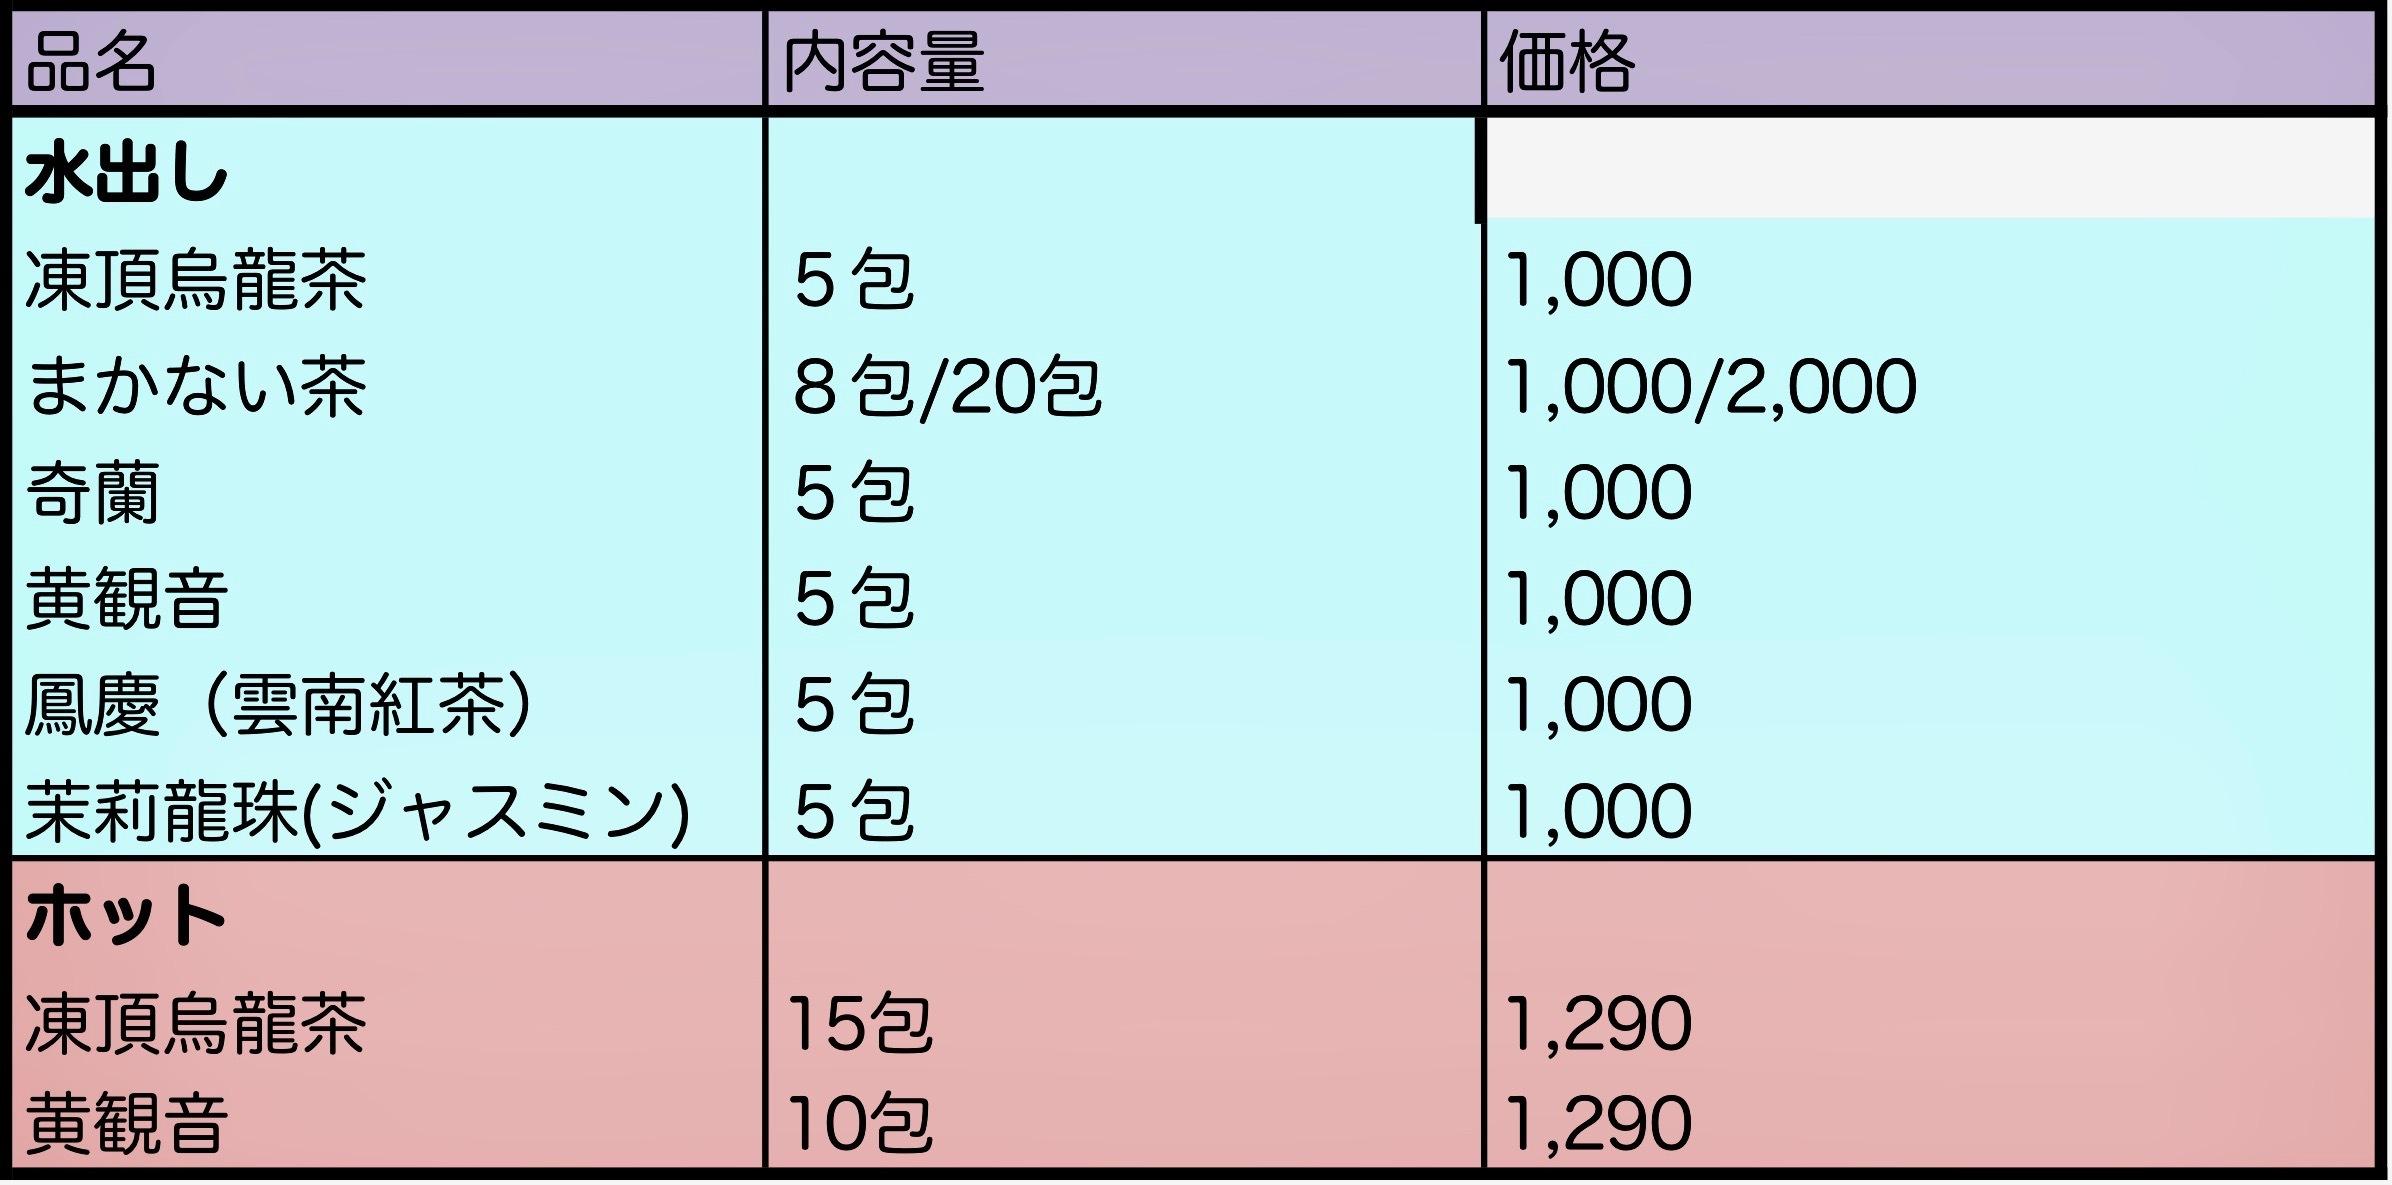 茶譜 2021年5月 ー岩茶以外_b0151300_12412721.jpeg